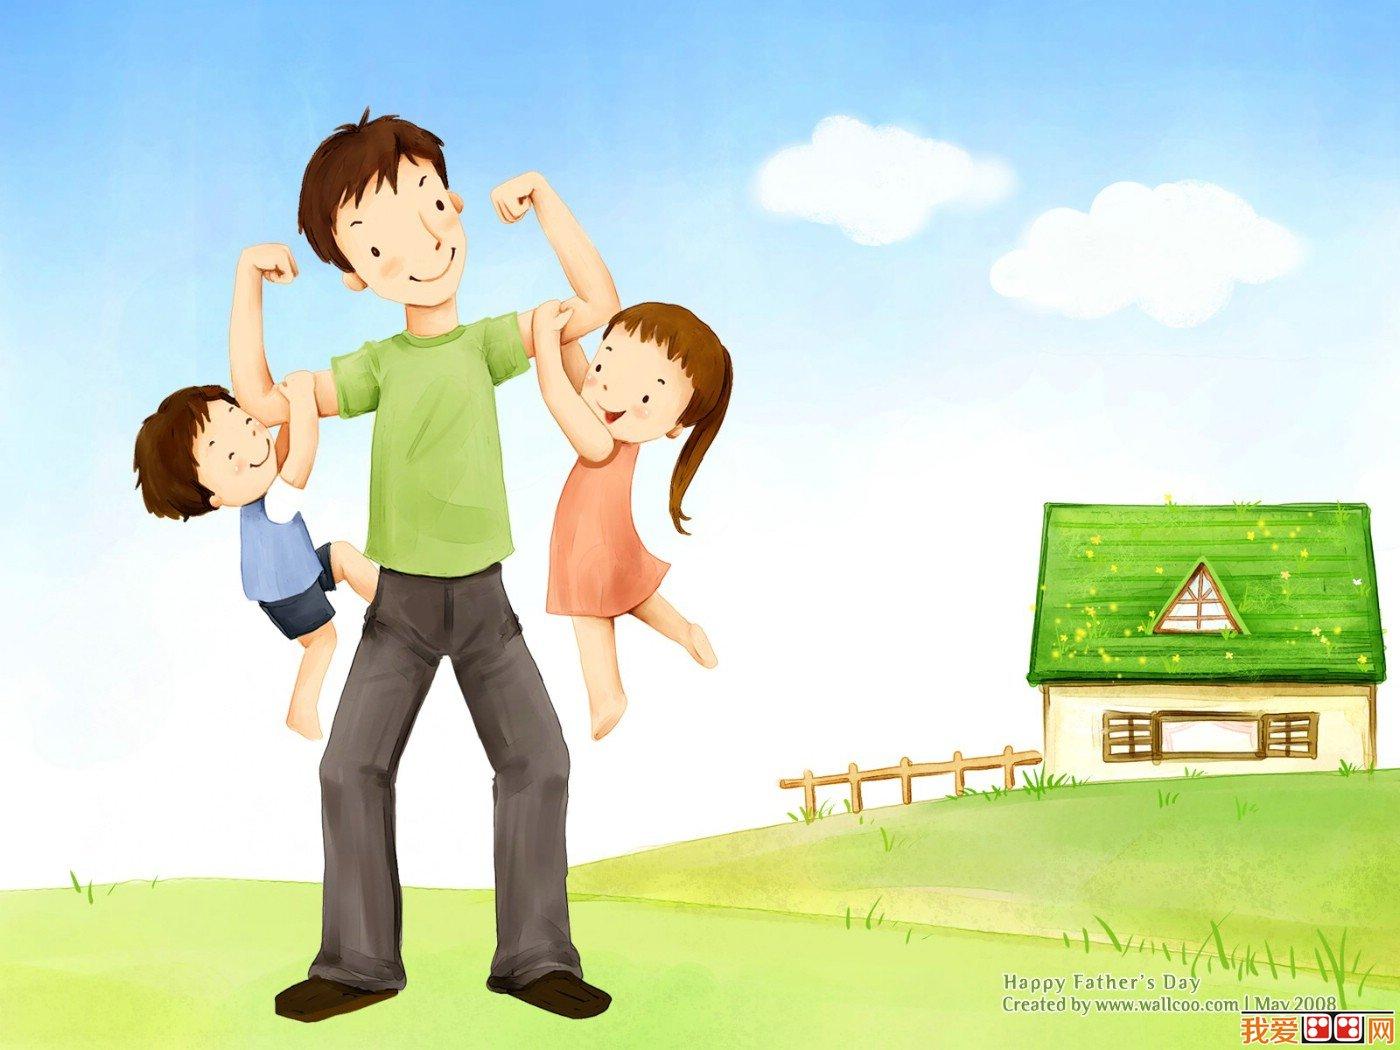 父亲节卡通画作品欣赏(3)